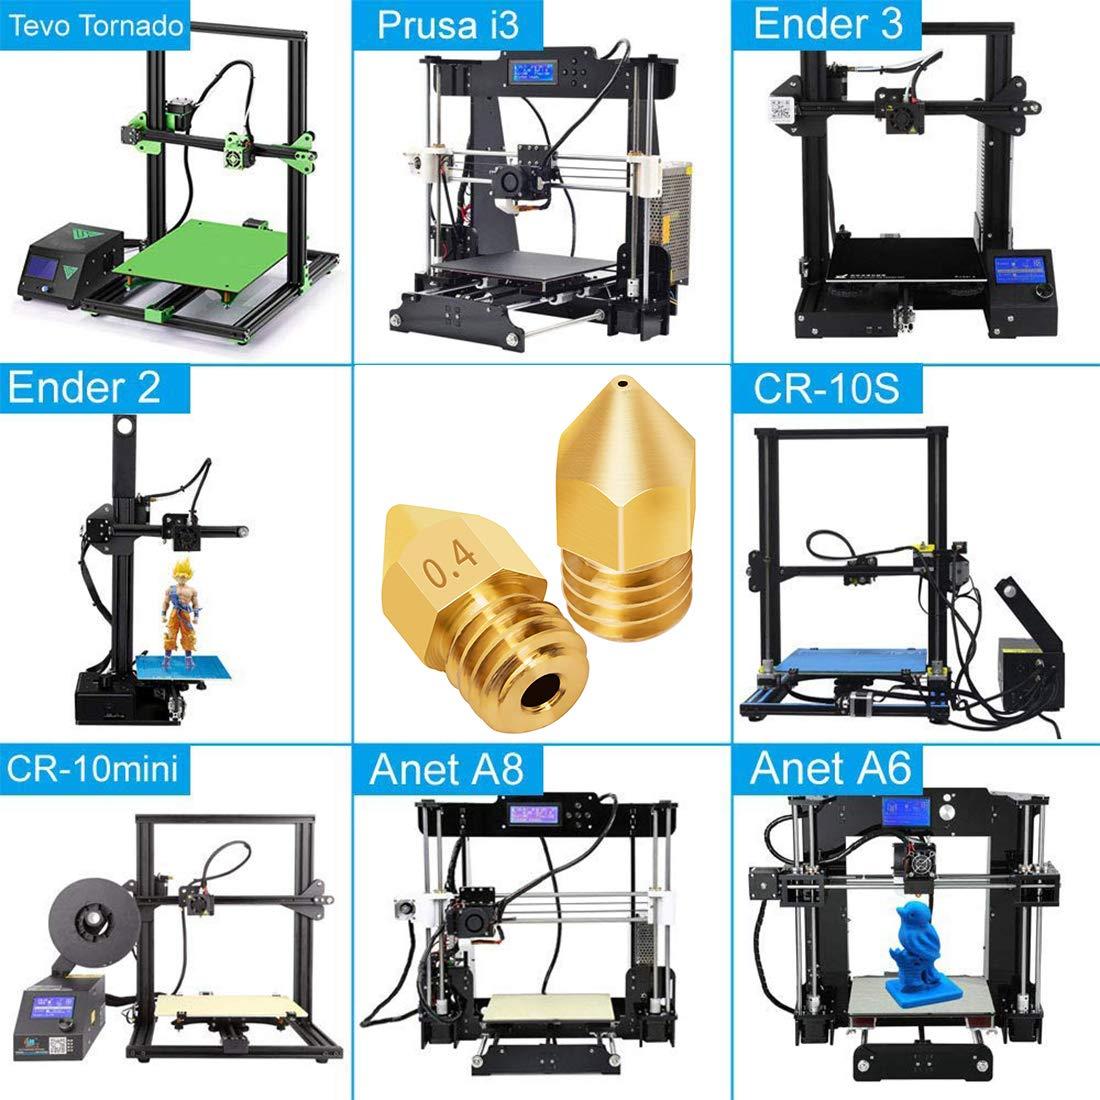 con 5 Piezas Agujas de Limpieza de Boquillas de Acero Inoxidable JESSTOLO 20 Piezas Extrusor de Impresora 3D Boquilla MK8 0.4 mm//0.5 mm//0.6 mm 3D Impresora Boquilla para Makerbot Creality CR-10